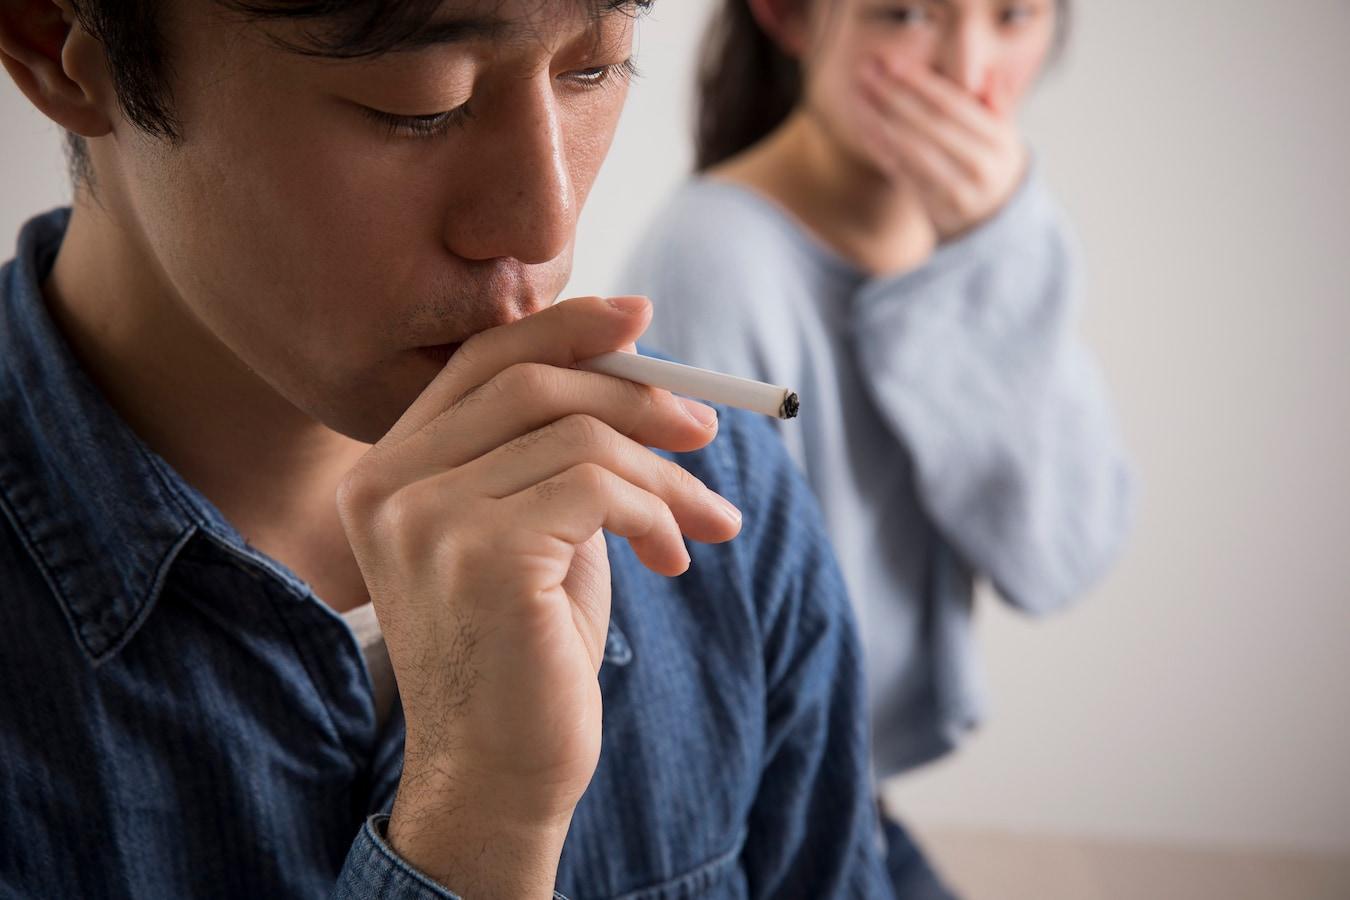 が 匂い タバコ する の